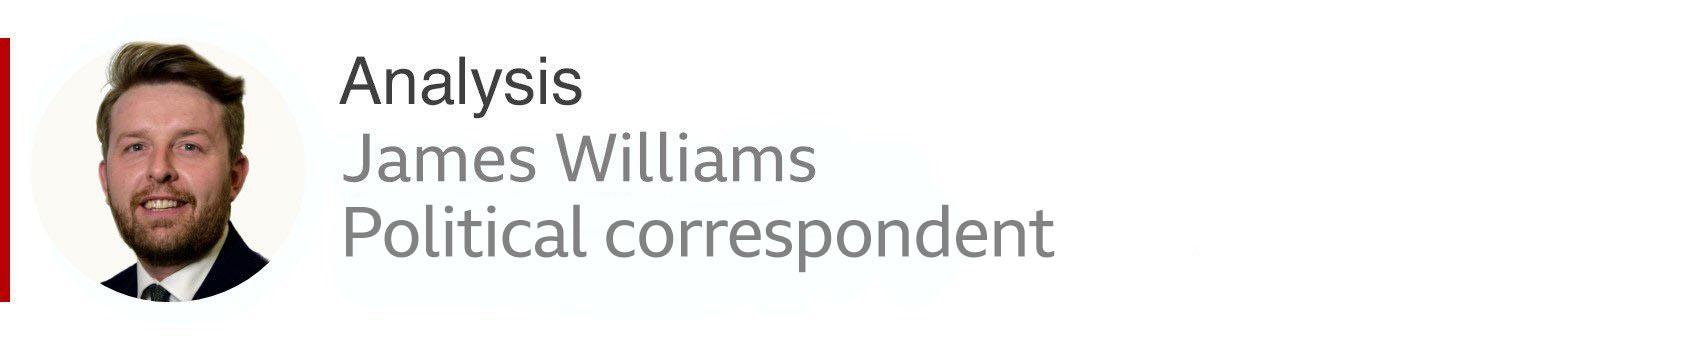 James Williams byline